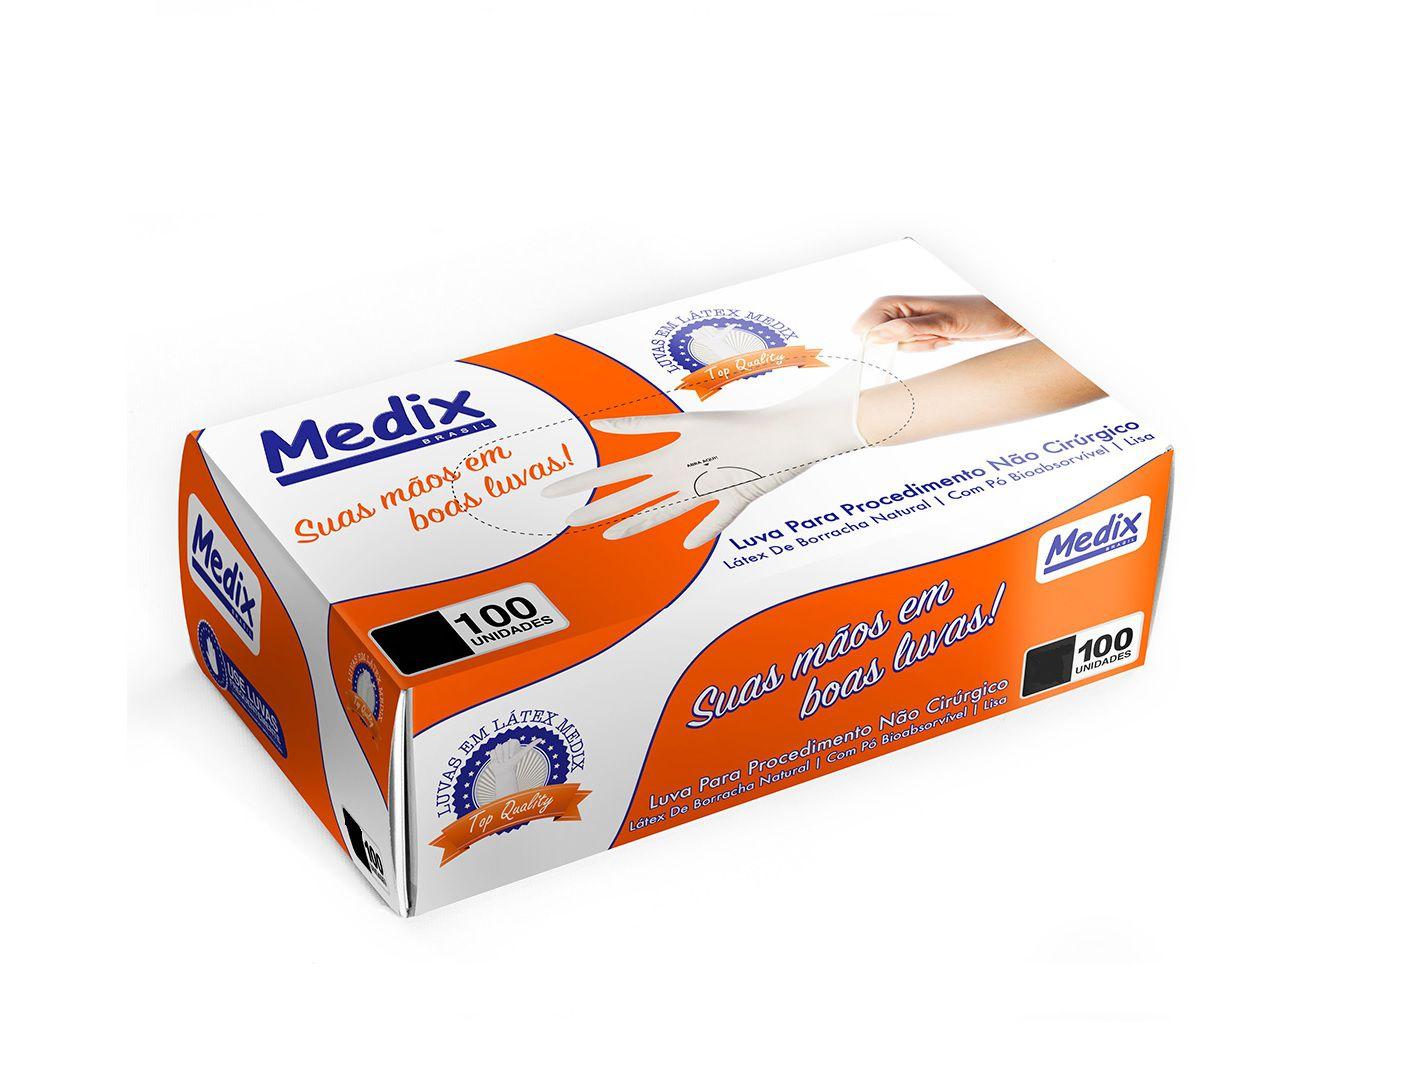 Luva de Procedimento Látex Tamanho PP Caixa c/ 10 Cartuchos - MEDIX